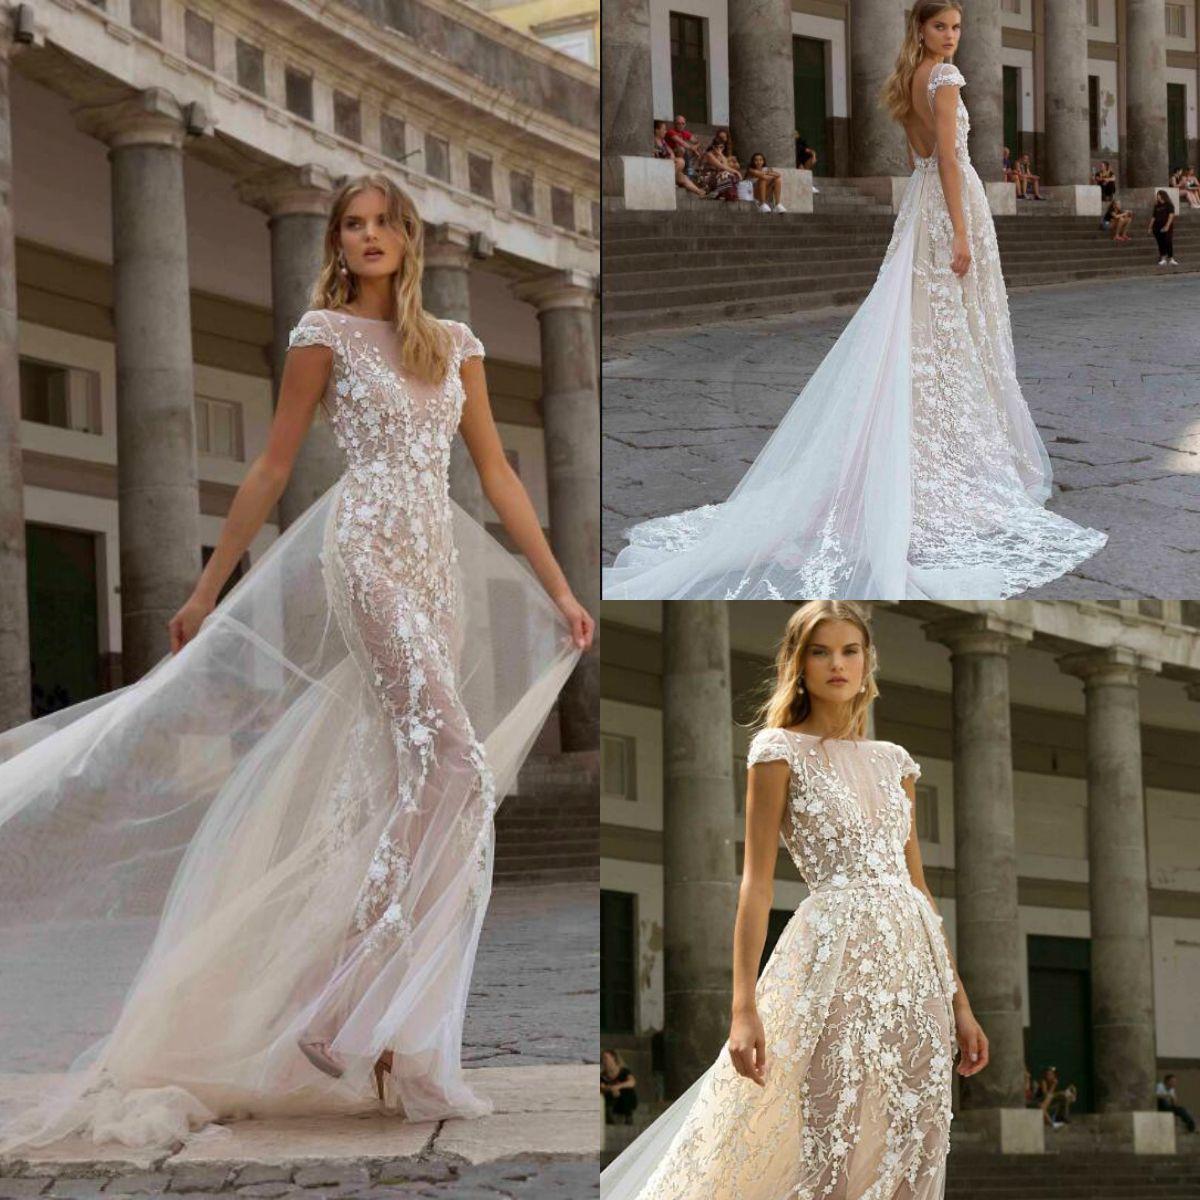 2020 Berta Sereia vestidos de casamento com trem destacável Lace Applique da luva do tampão Boho do vestido de casamento Backless vestidos de noiva Vestidos de novia